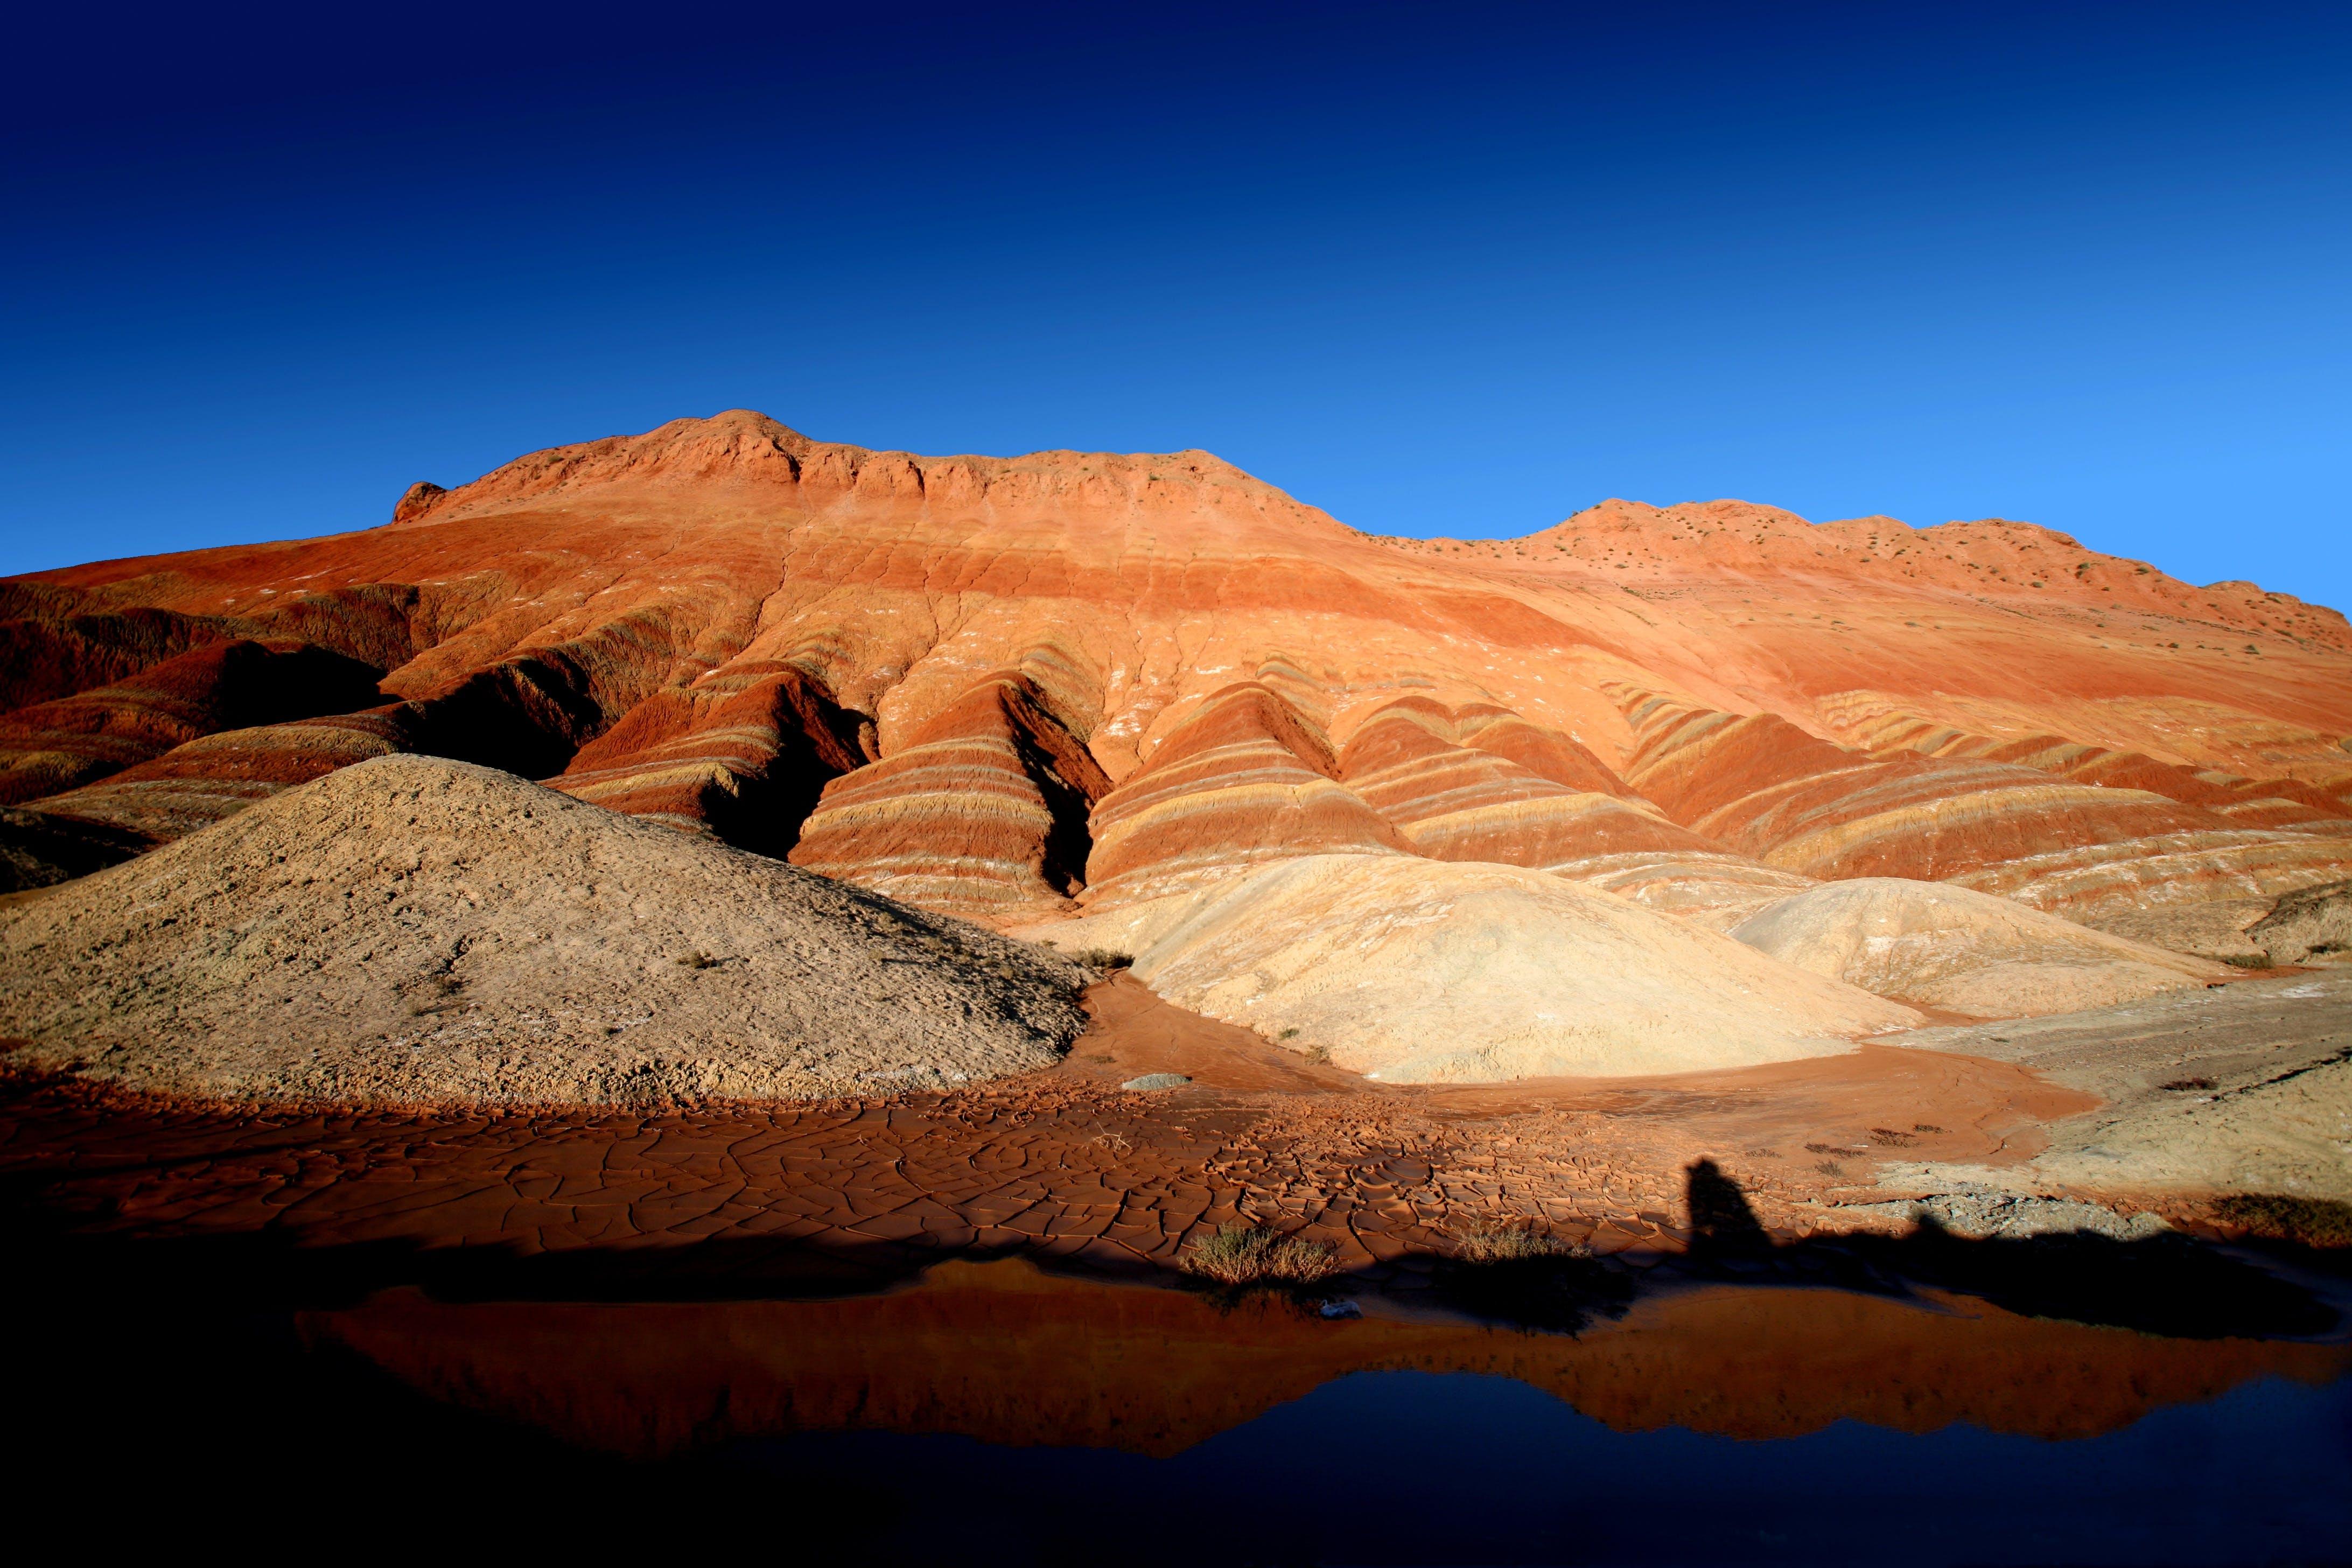 乾的, 天性, 景觀, 沙漠 的 免费素材照片